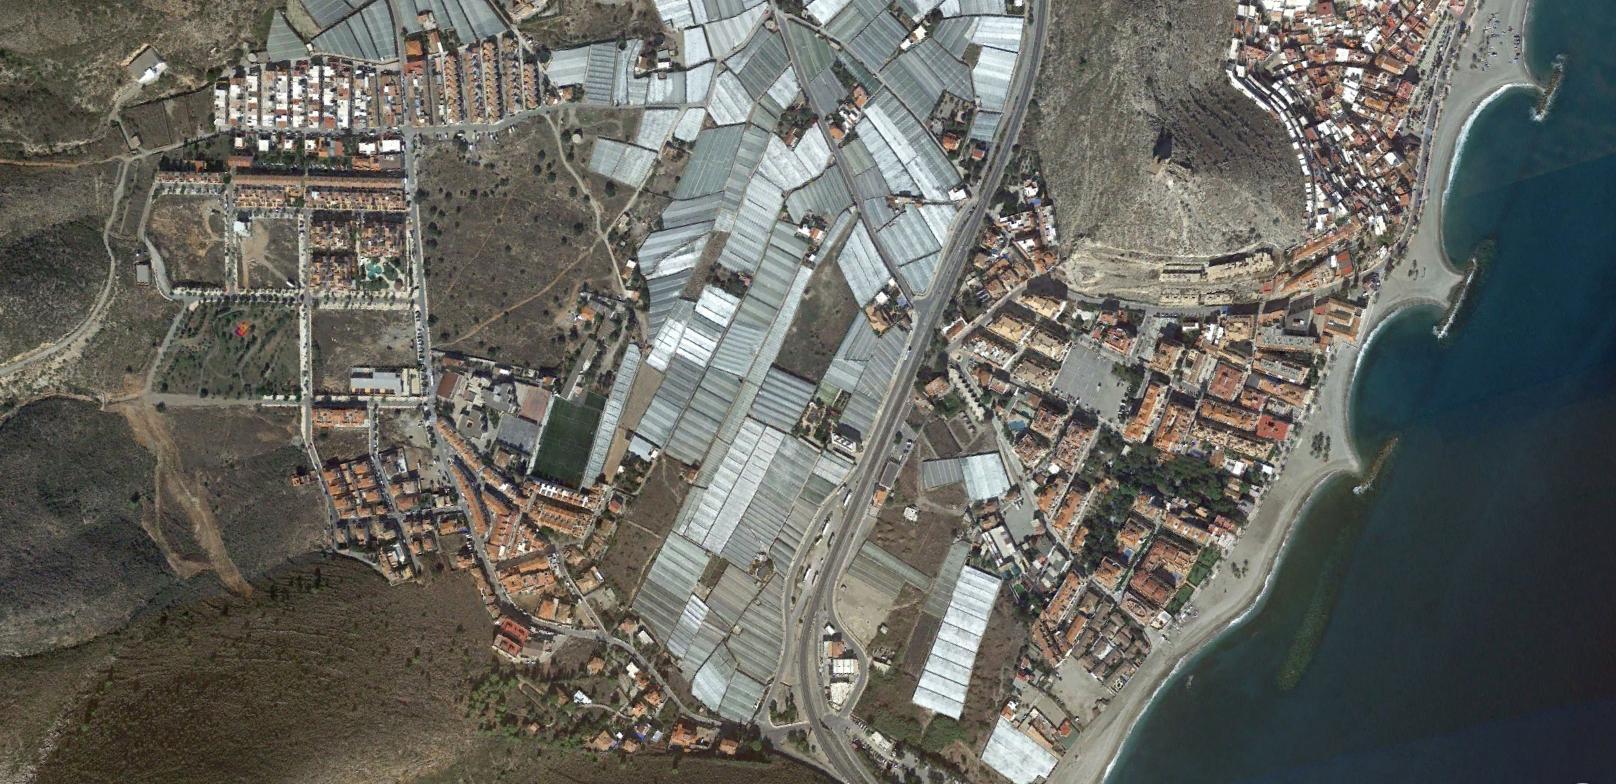 castell de ferro, granada, habla en español coño, después, urbanismo, planeamiento, urbano, desastre, urbanístico, construcción, rotondas, carretera